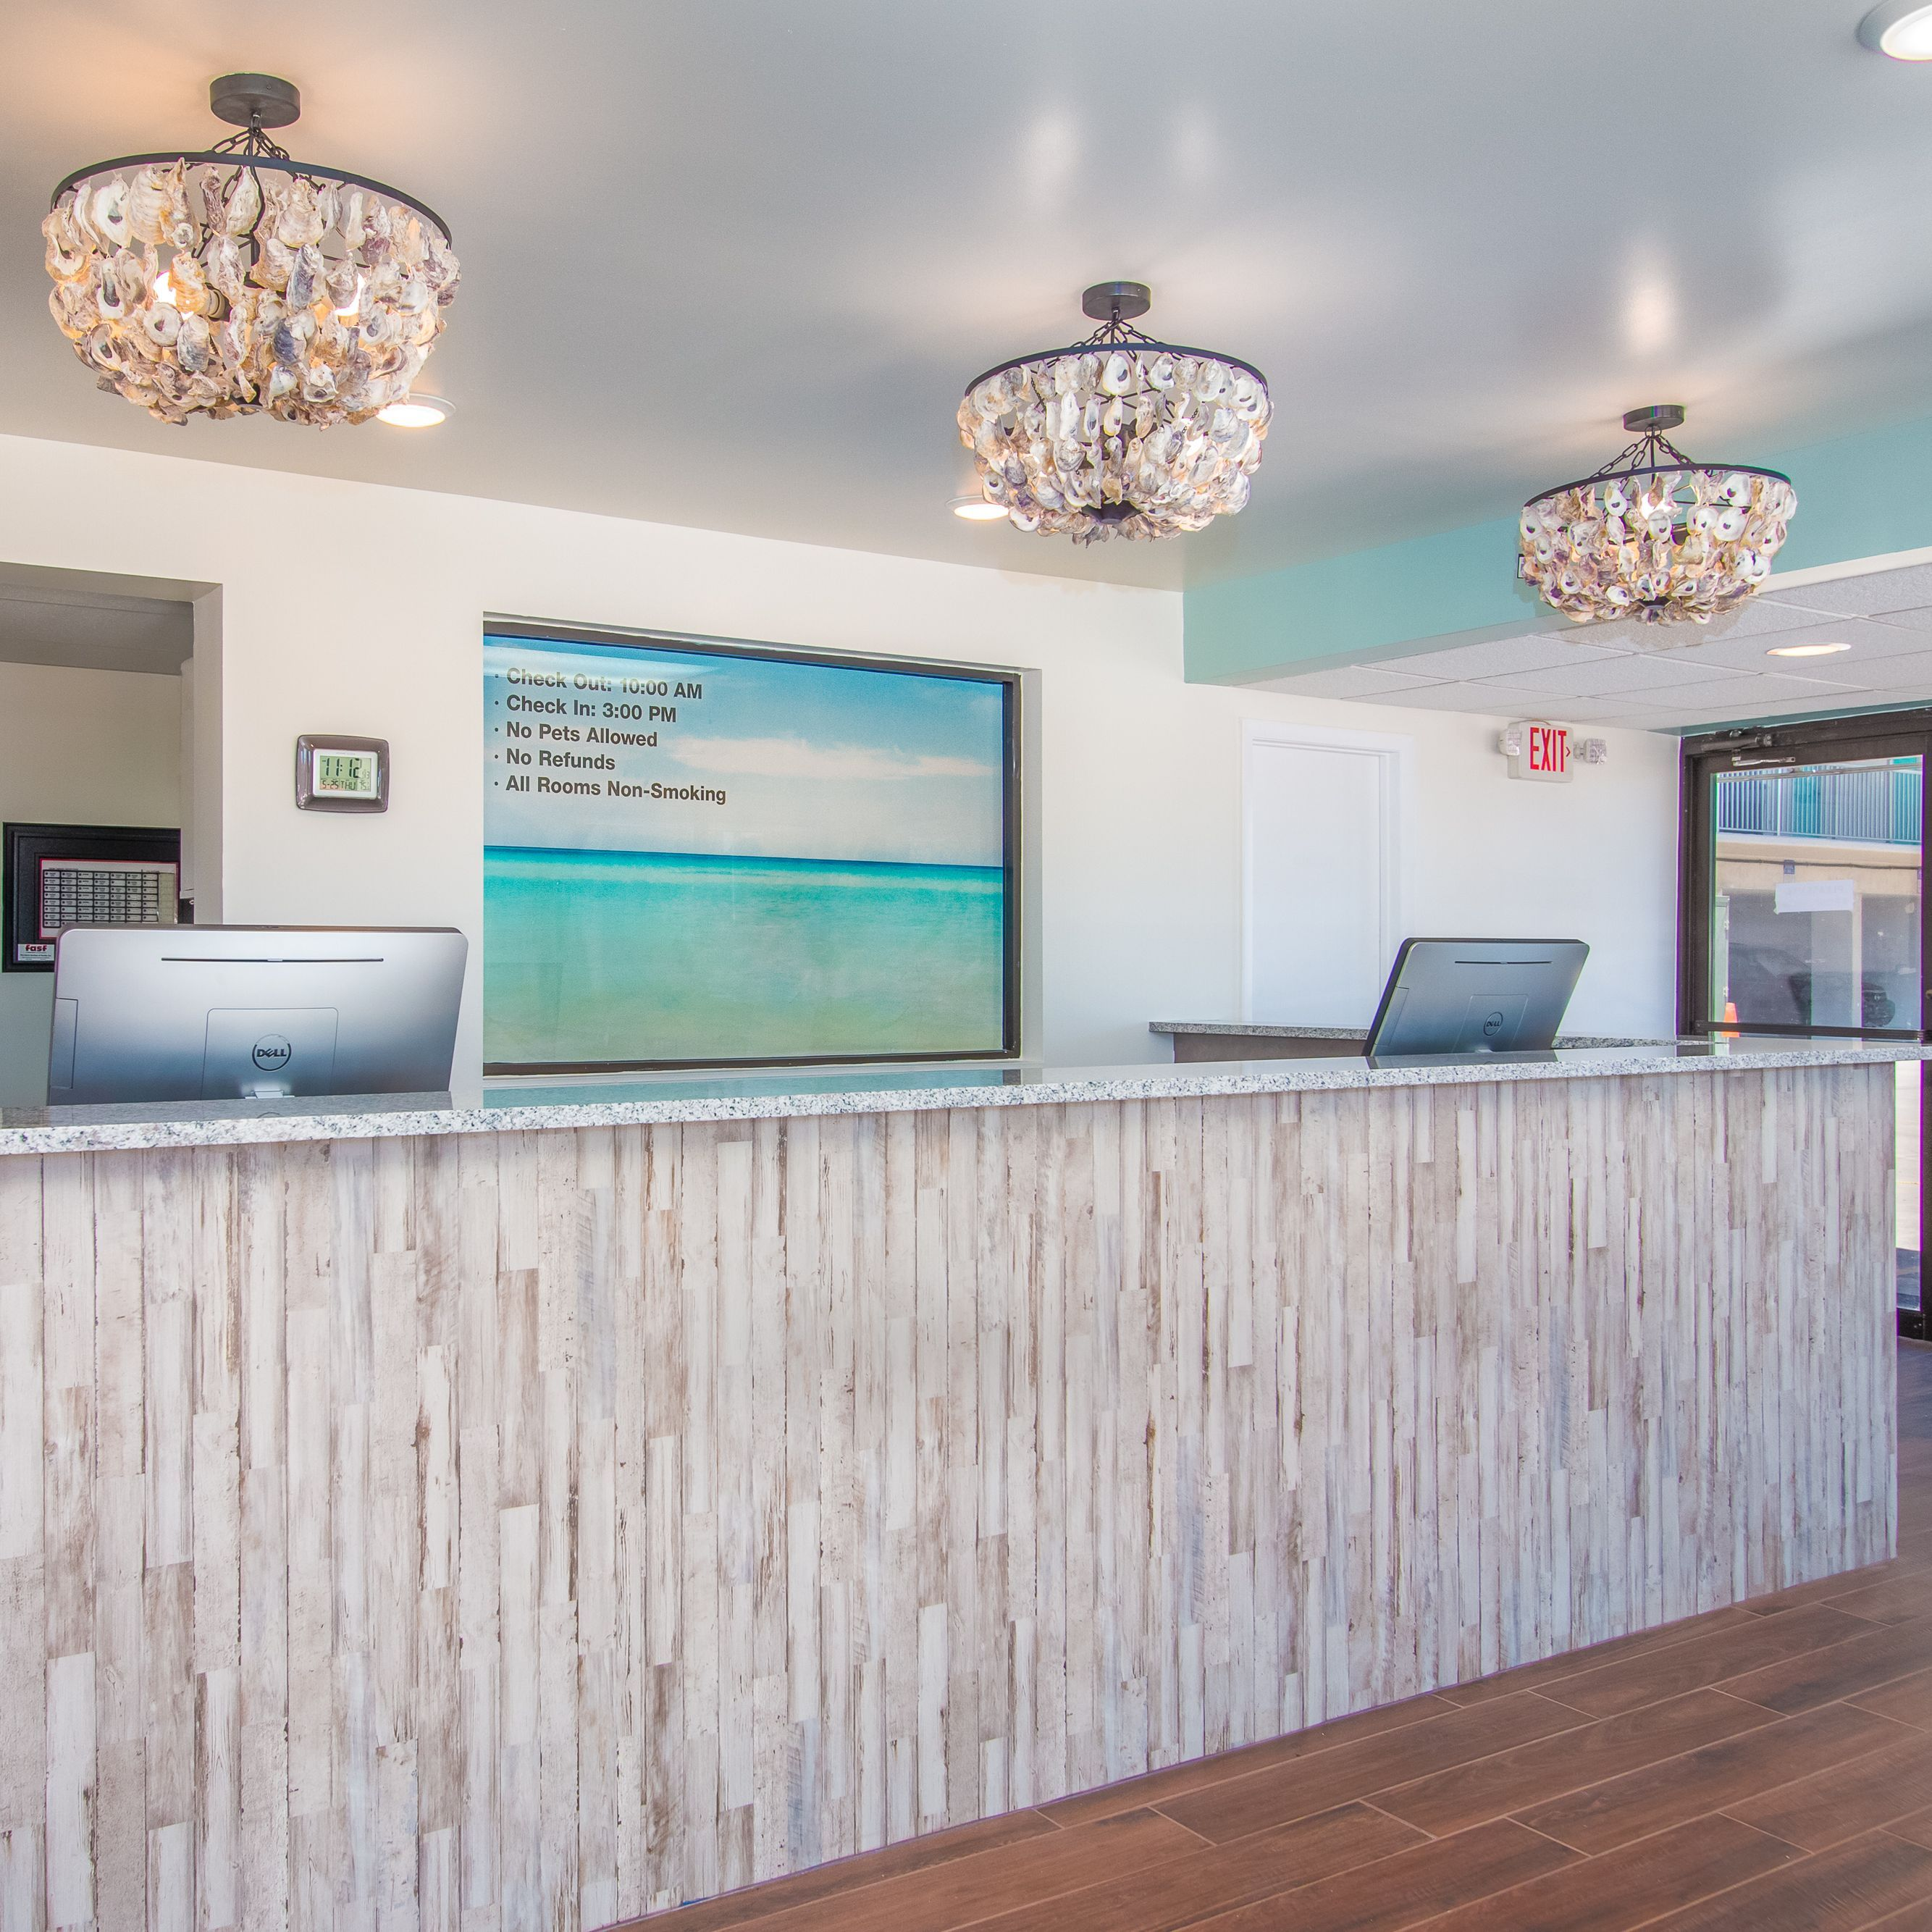 Welcome To Bikinibeach Bikinis Optional Bikini Beach Resort Beach Resorts Panama City Beach